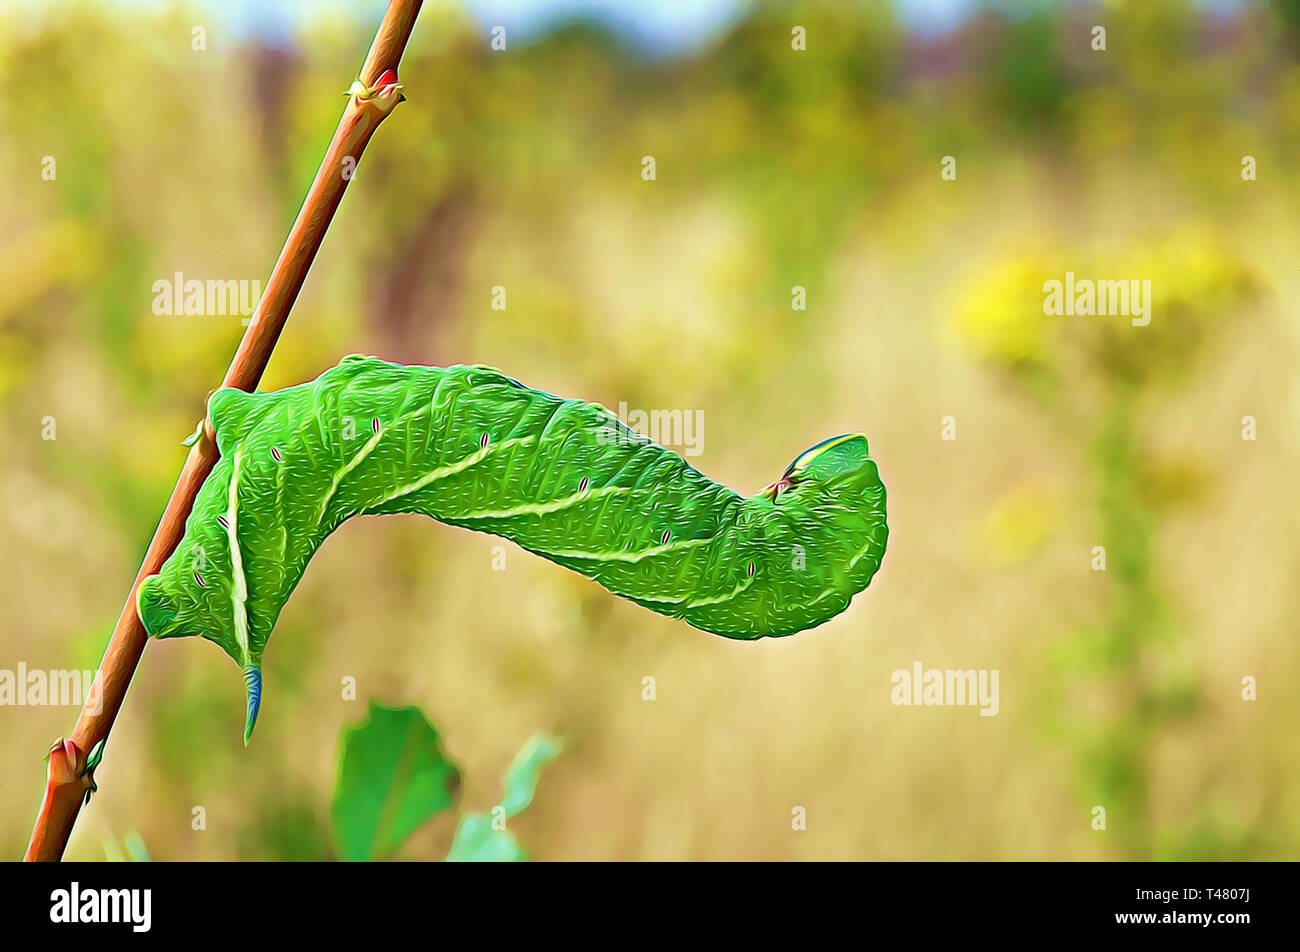 Eyed Hawk Moth caterpillar (Digital art filter) - Stock Image